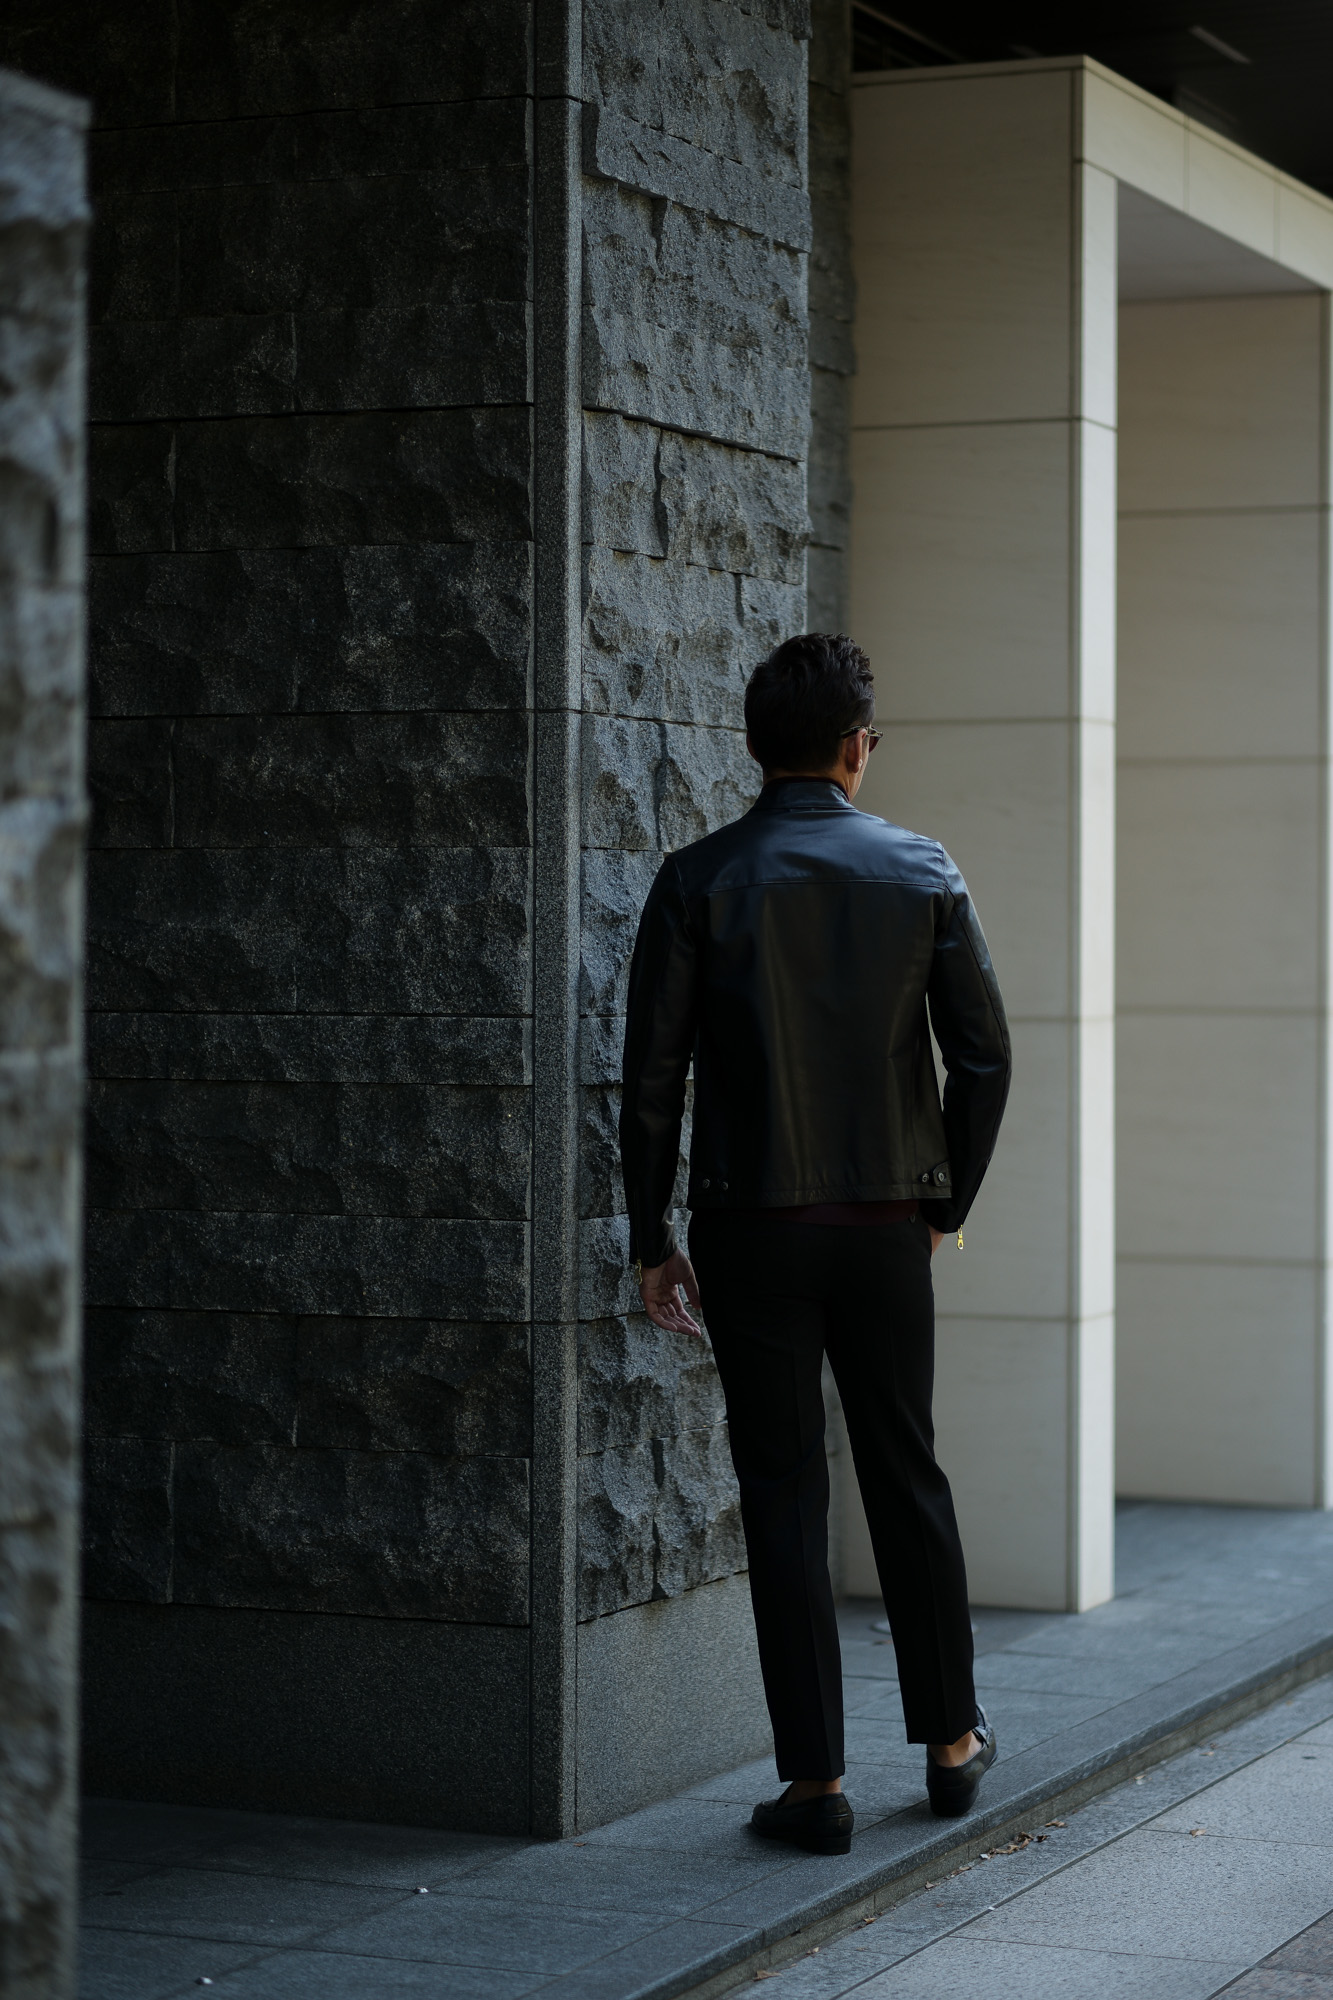 CINQUANTA(チンクアンタ) H502 STAND COLLAR RIDERS CAVALLO (スタンド カラー ジャケット) HORSE LEATHER ホースレザー シングル ライダース ジャケット BLACK (ブラック・999) Made in italy (イタリア製) 2018 秋冬新作 cinquanta チンクアンタ レザージャケット 愛知 名古屋 Alto e Diritto アルト エ デリット